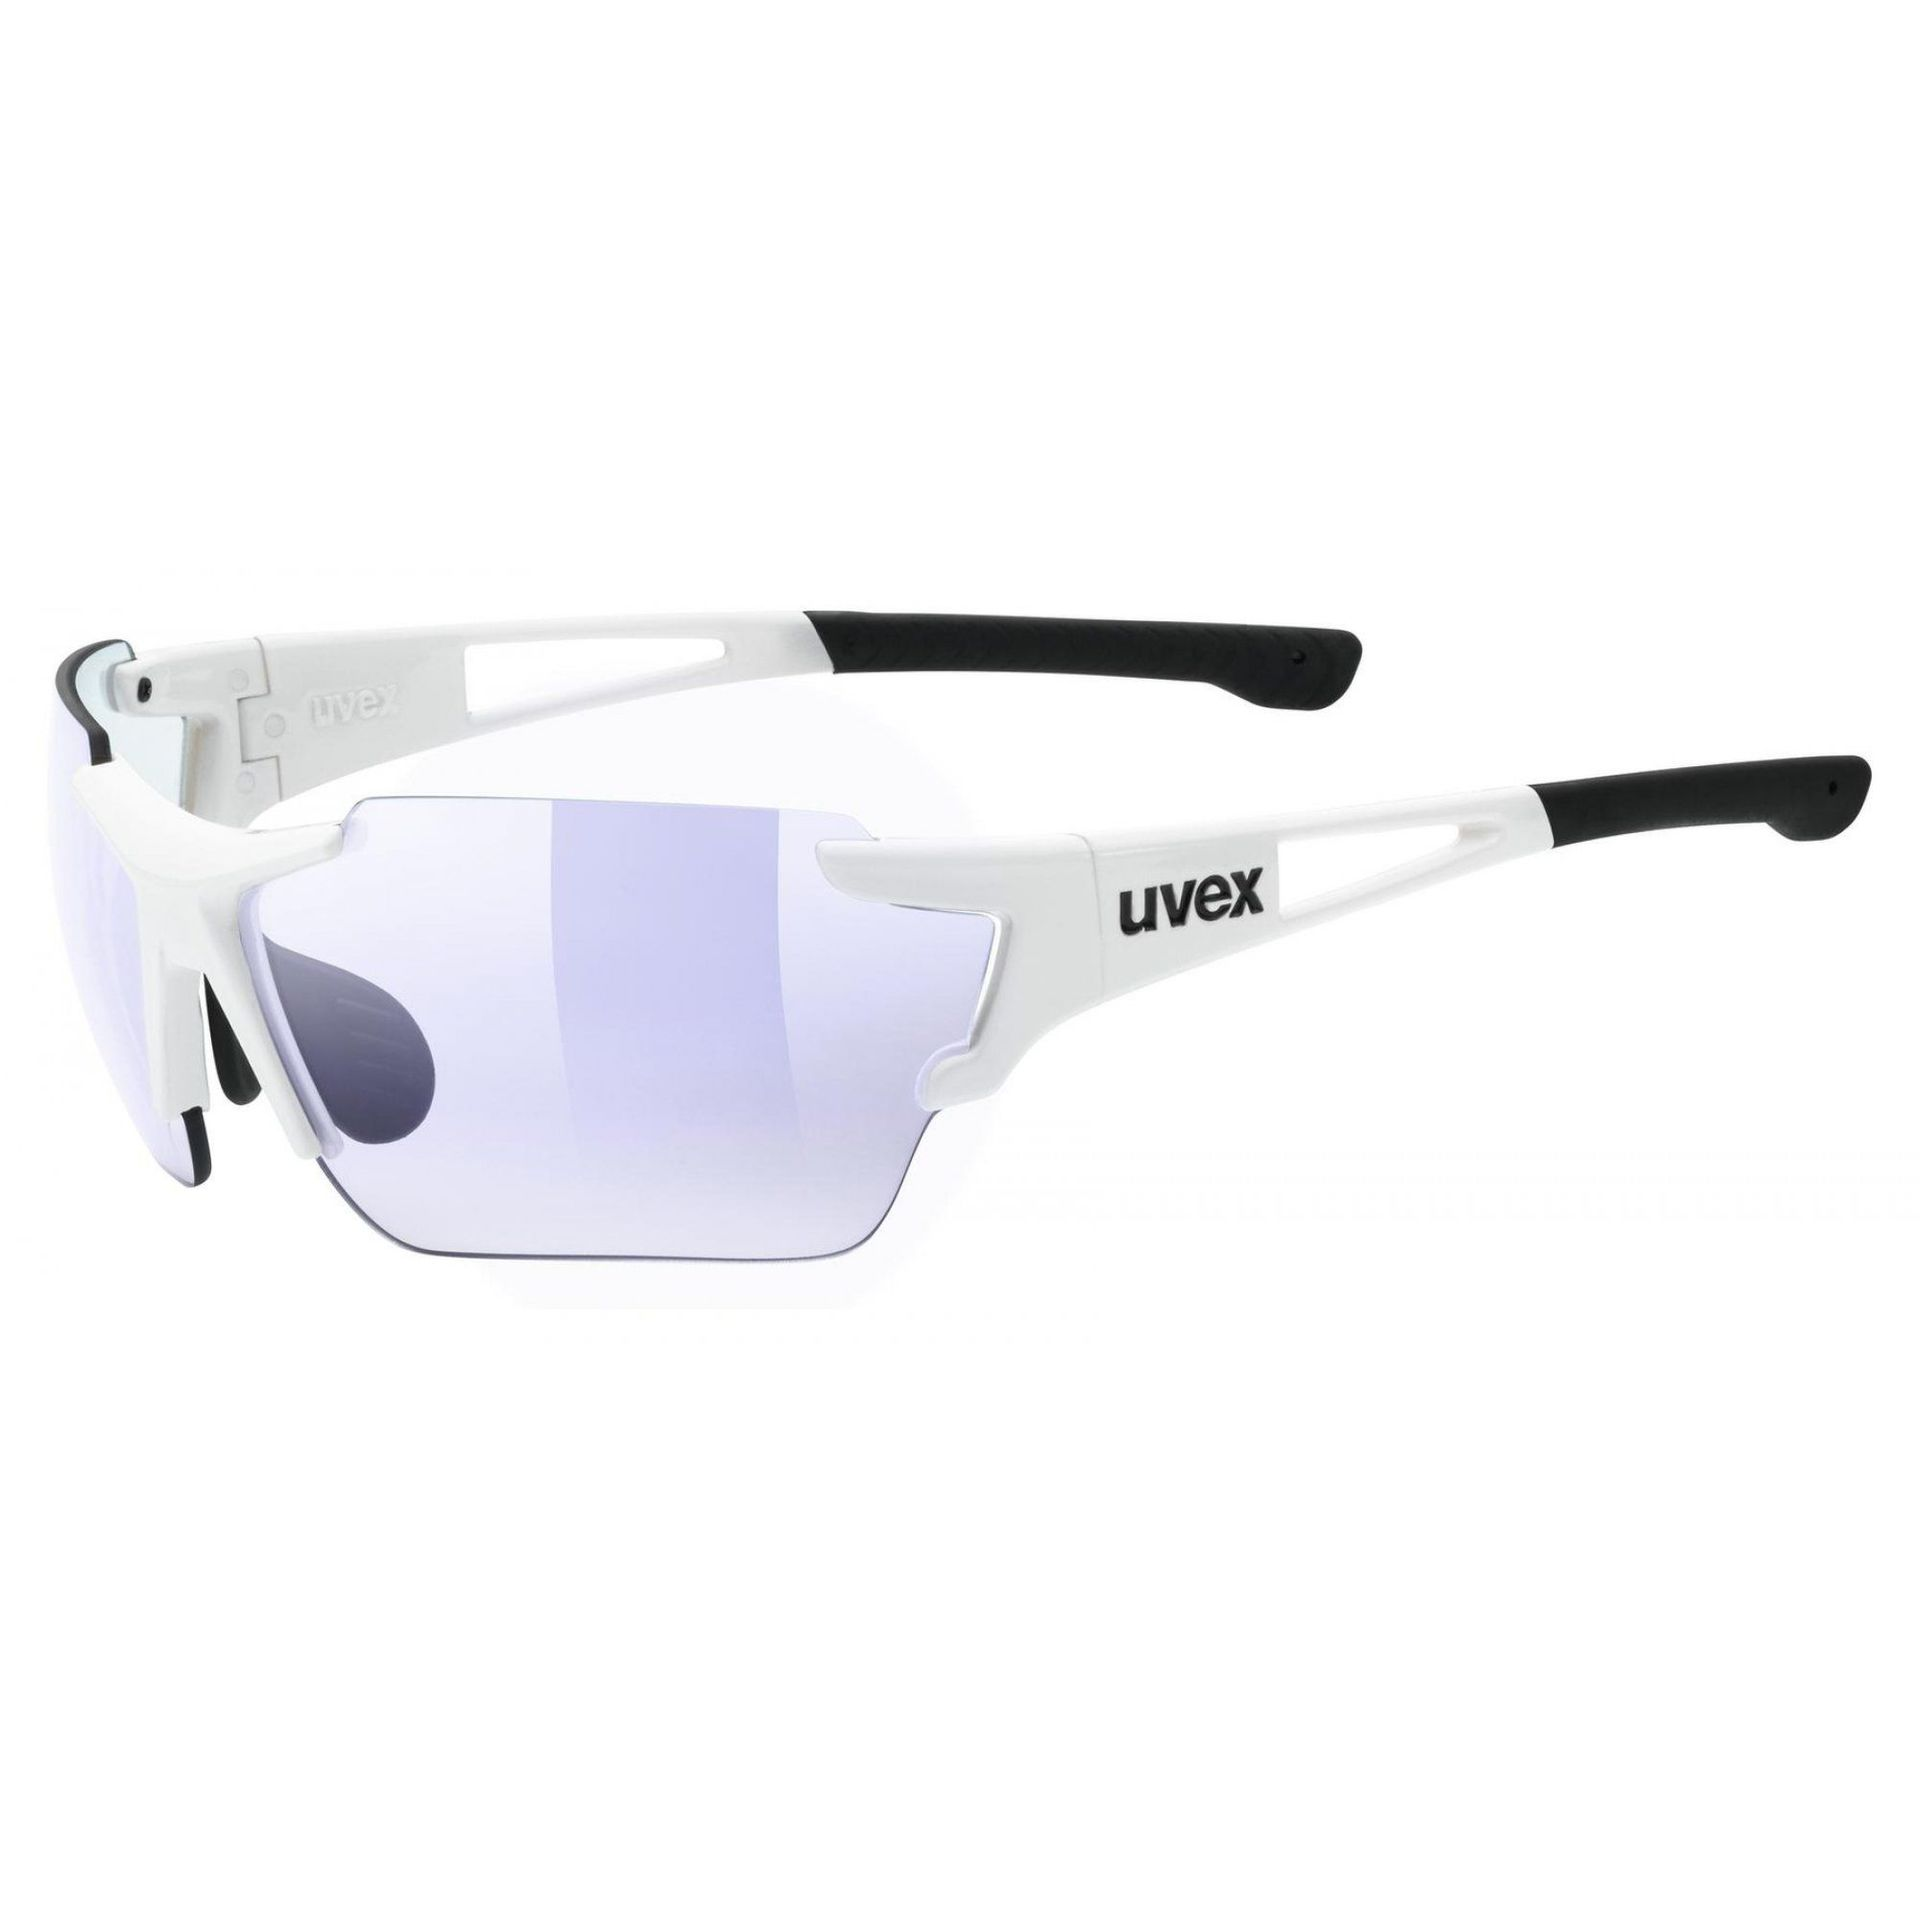 OKULARY UVEX  SPORTSTYLE 803 RACE VM  WHITE